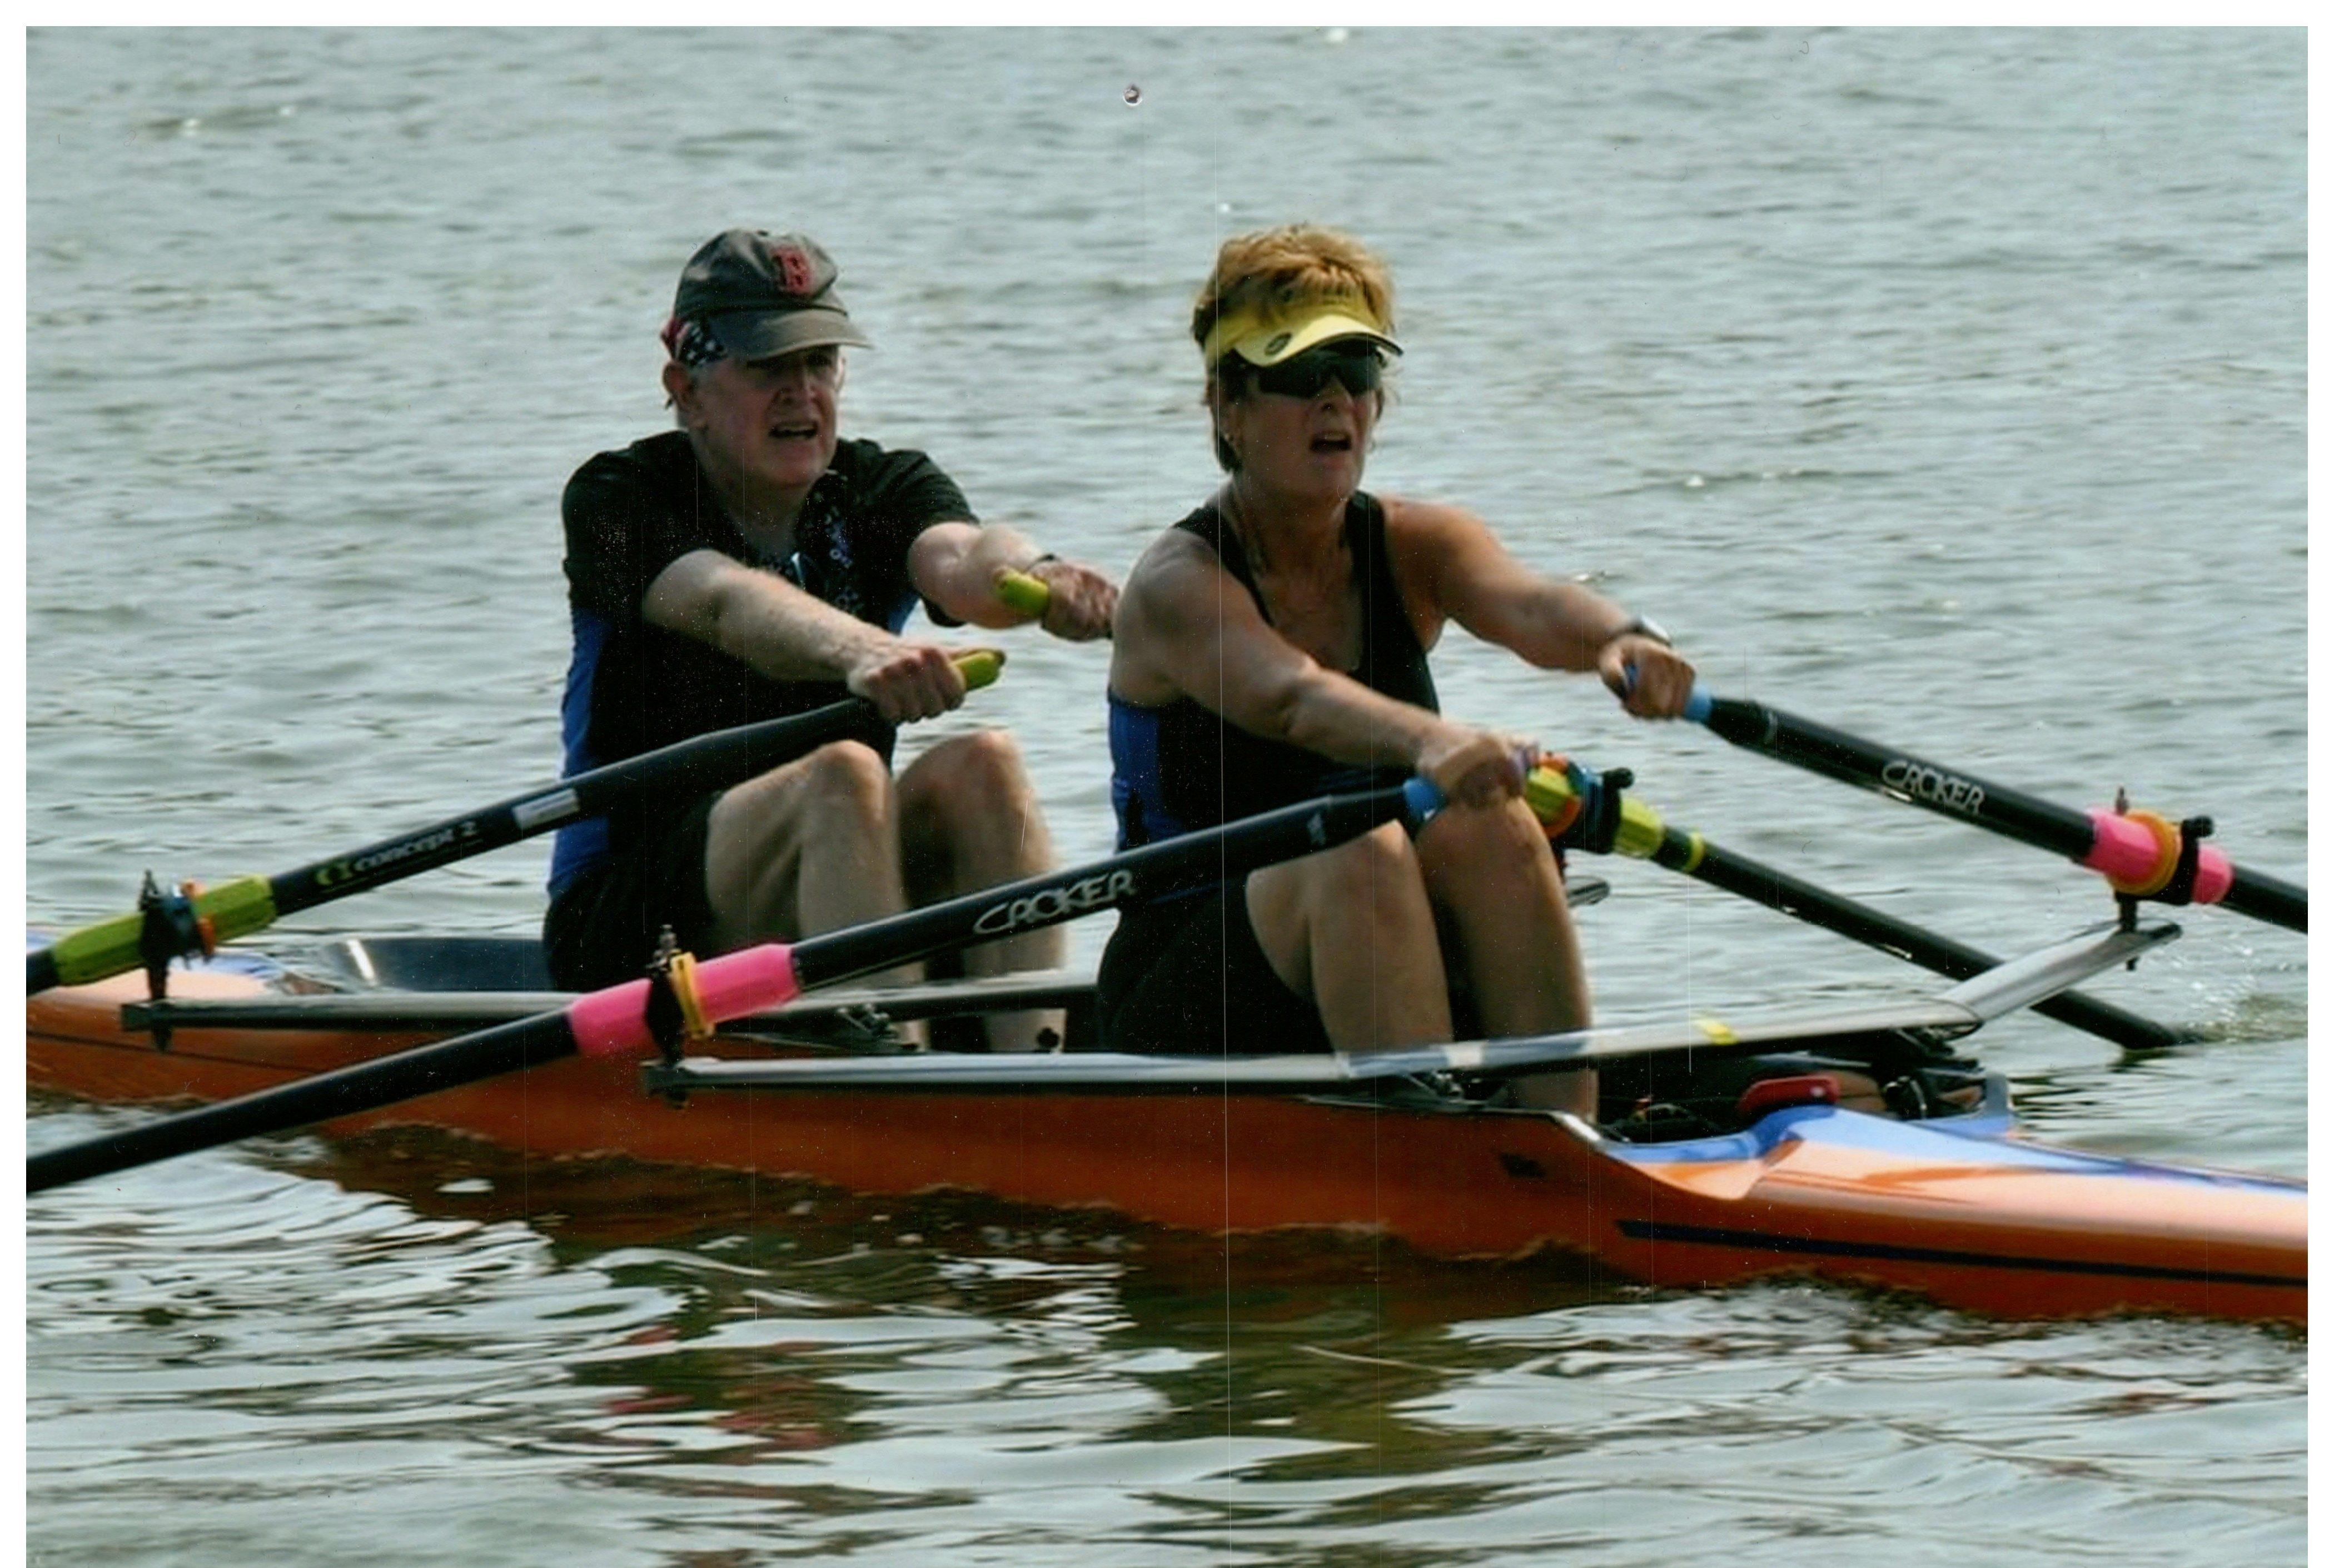 Linda and Ray racing on the Oklahoma River